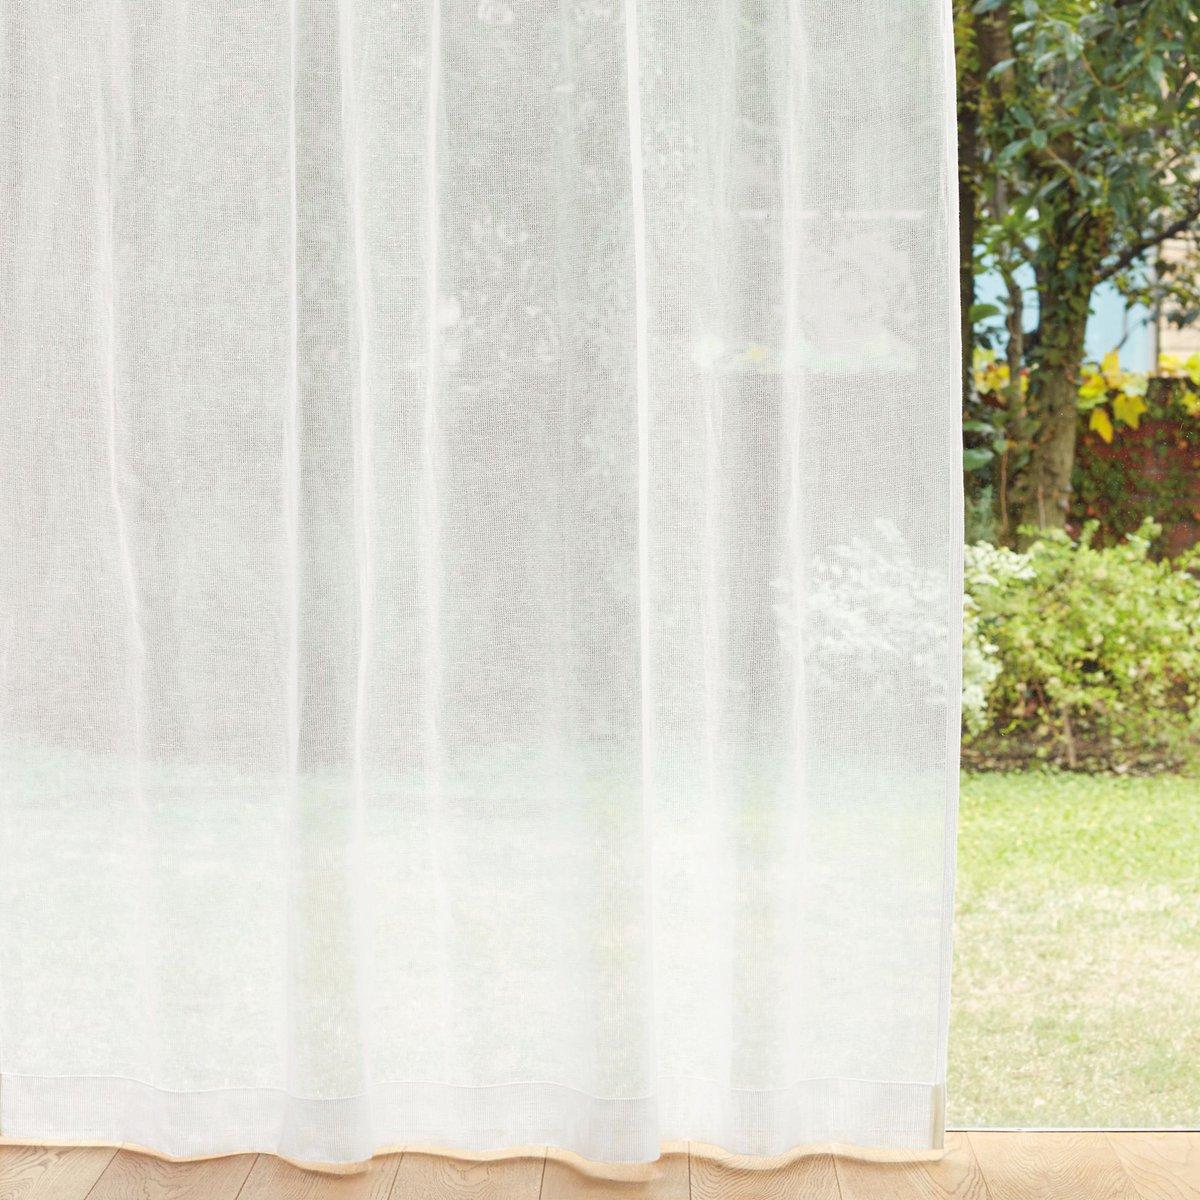 しなやかな綿とシャリ感のある麻を使用した「綿麻からみ織レースカーテン」や、透け感のある綿麻生地に「七宝繋ぎ」の刺繍を施した「綿麻刺繍カーテン」は、これからの  ...